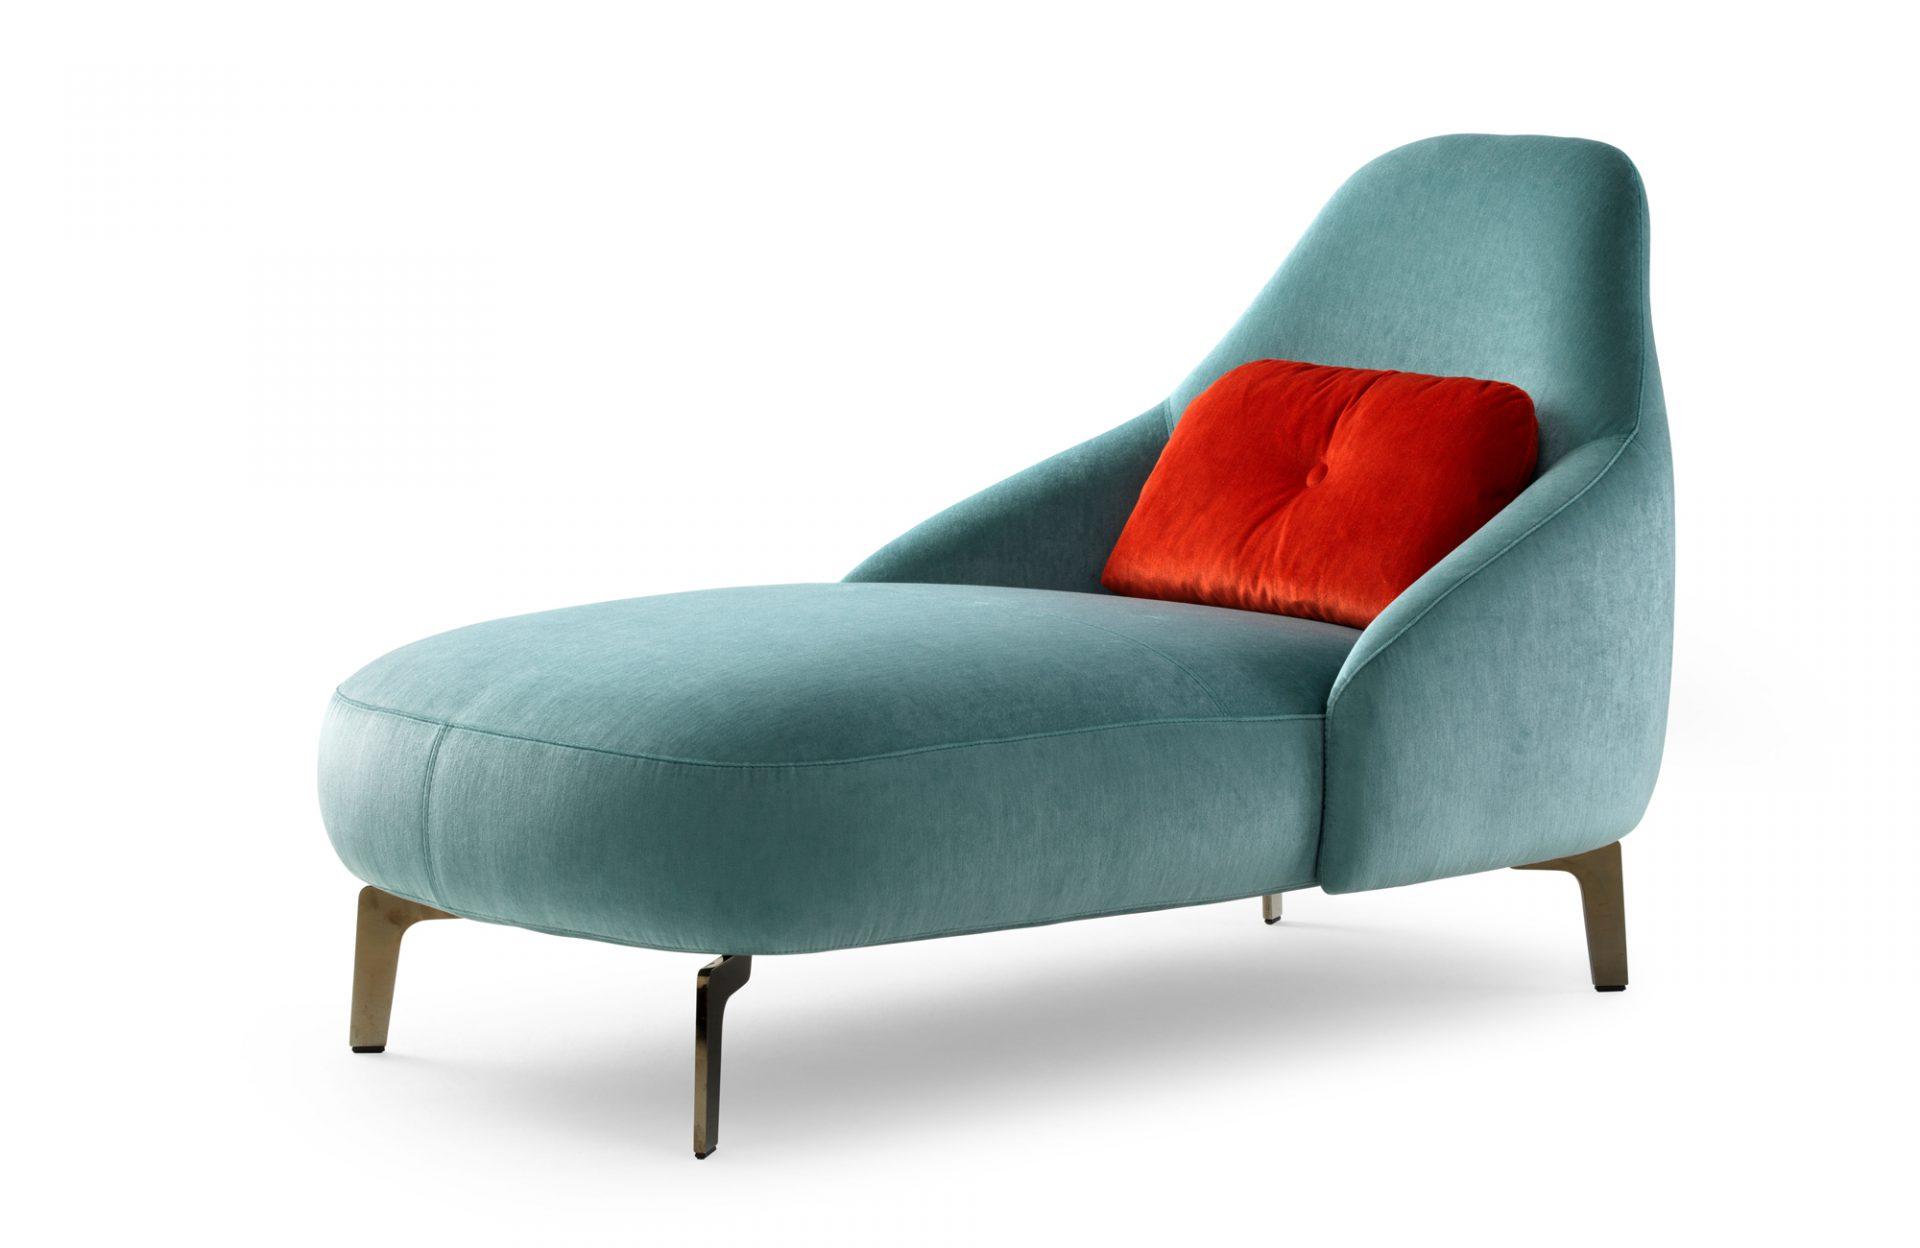 Marvelous Leolux Jill Chaise Longue Leolux Fauteuils Machost Co Dining Chair Design Ideas Machostcouk